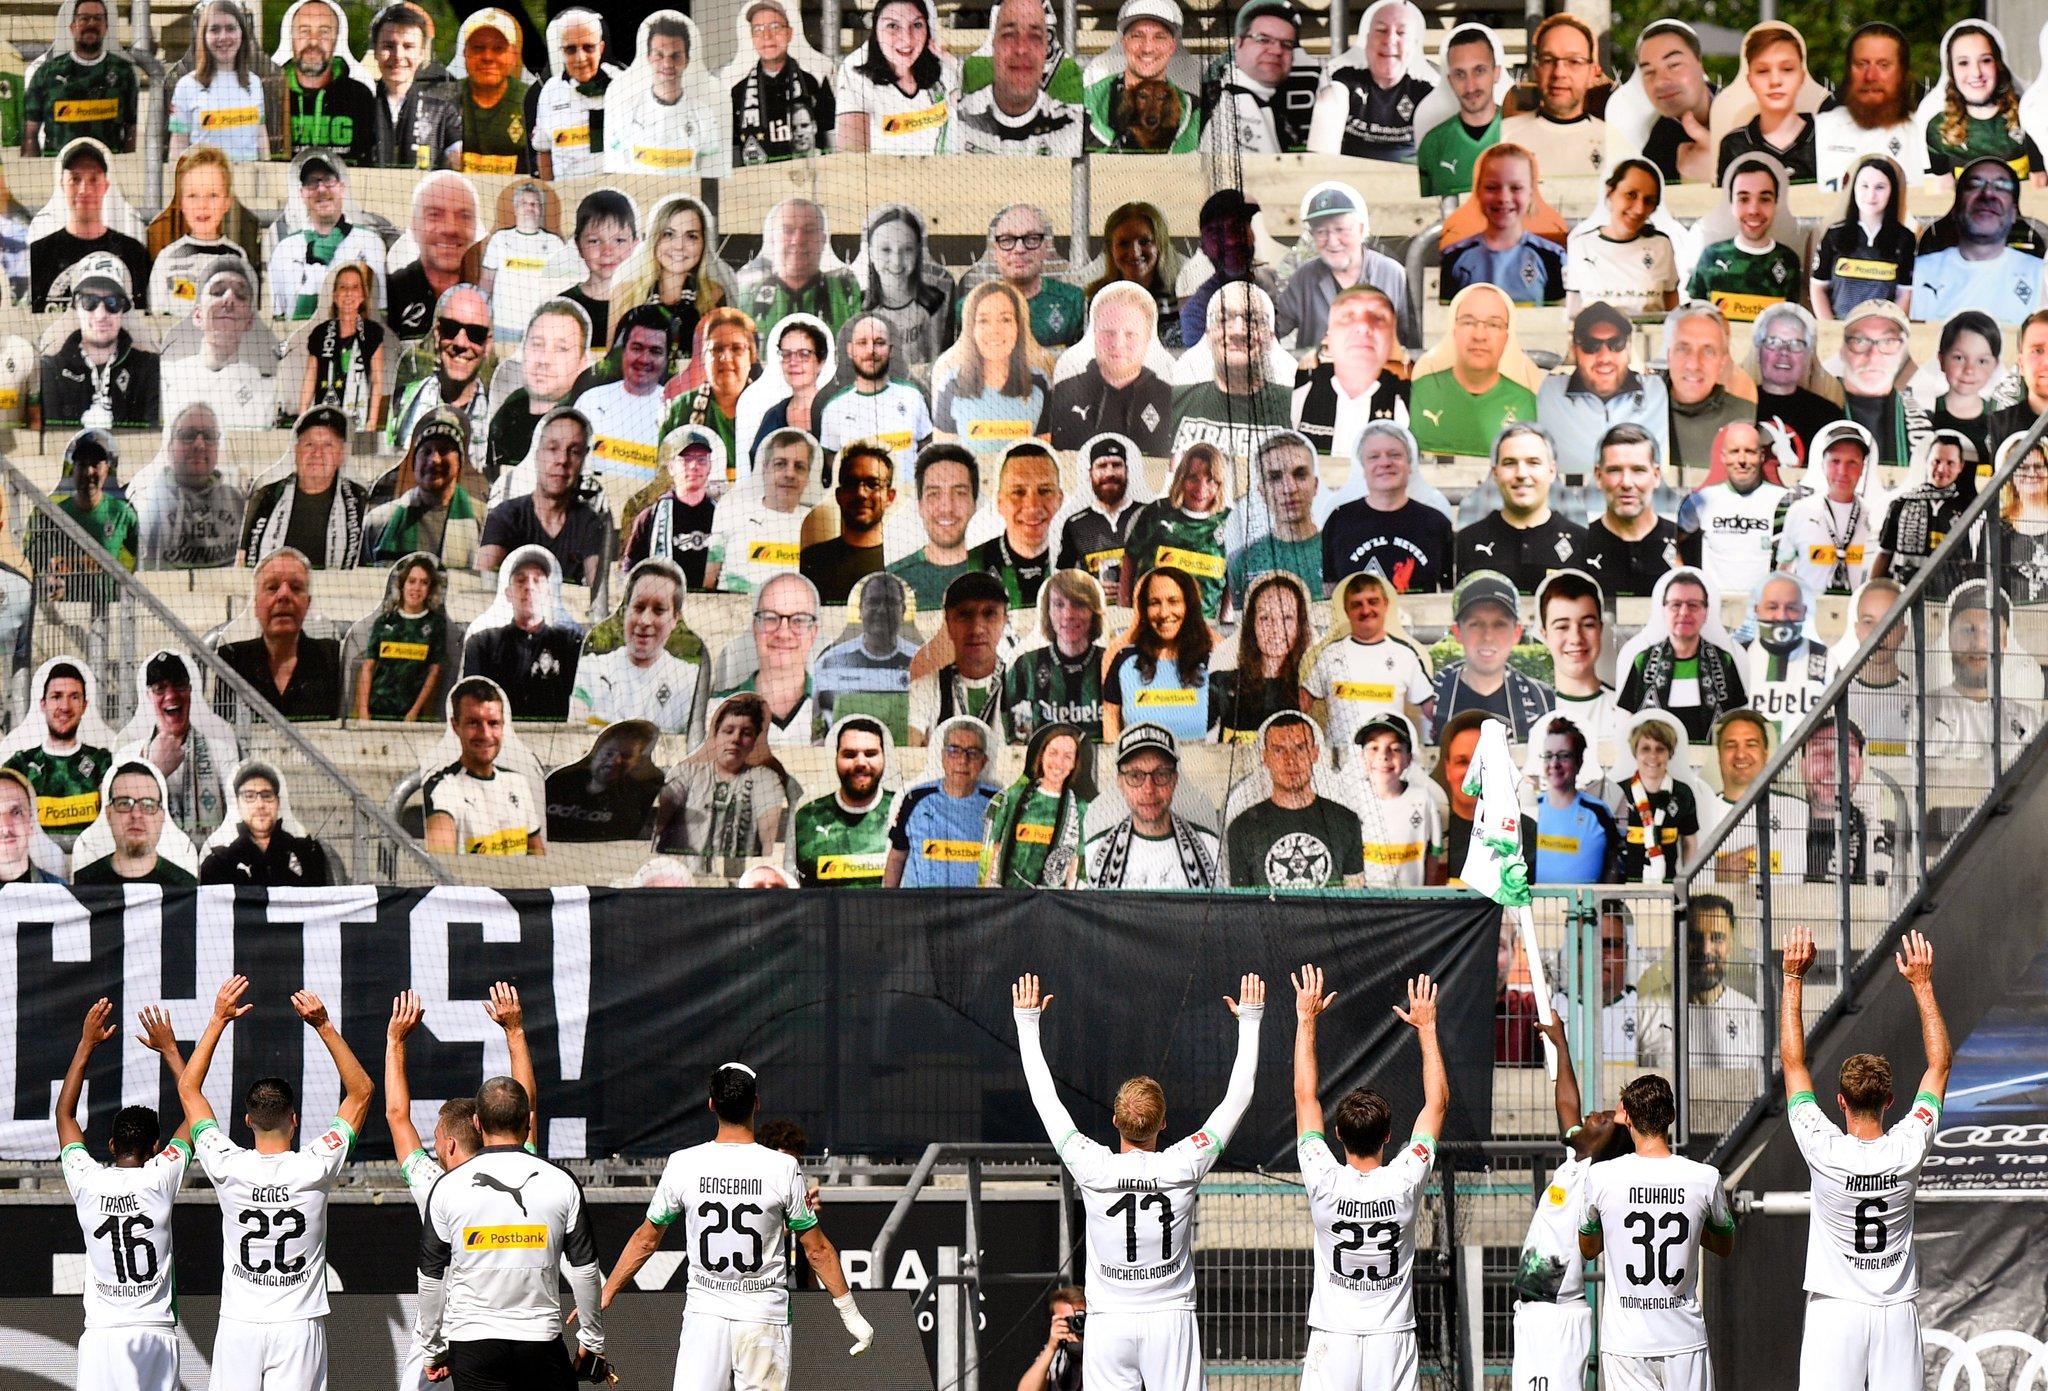 4-1大胜柏林联合后,门兴全队致谢看台纸质球迷